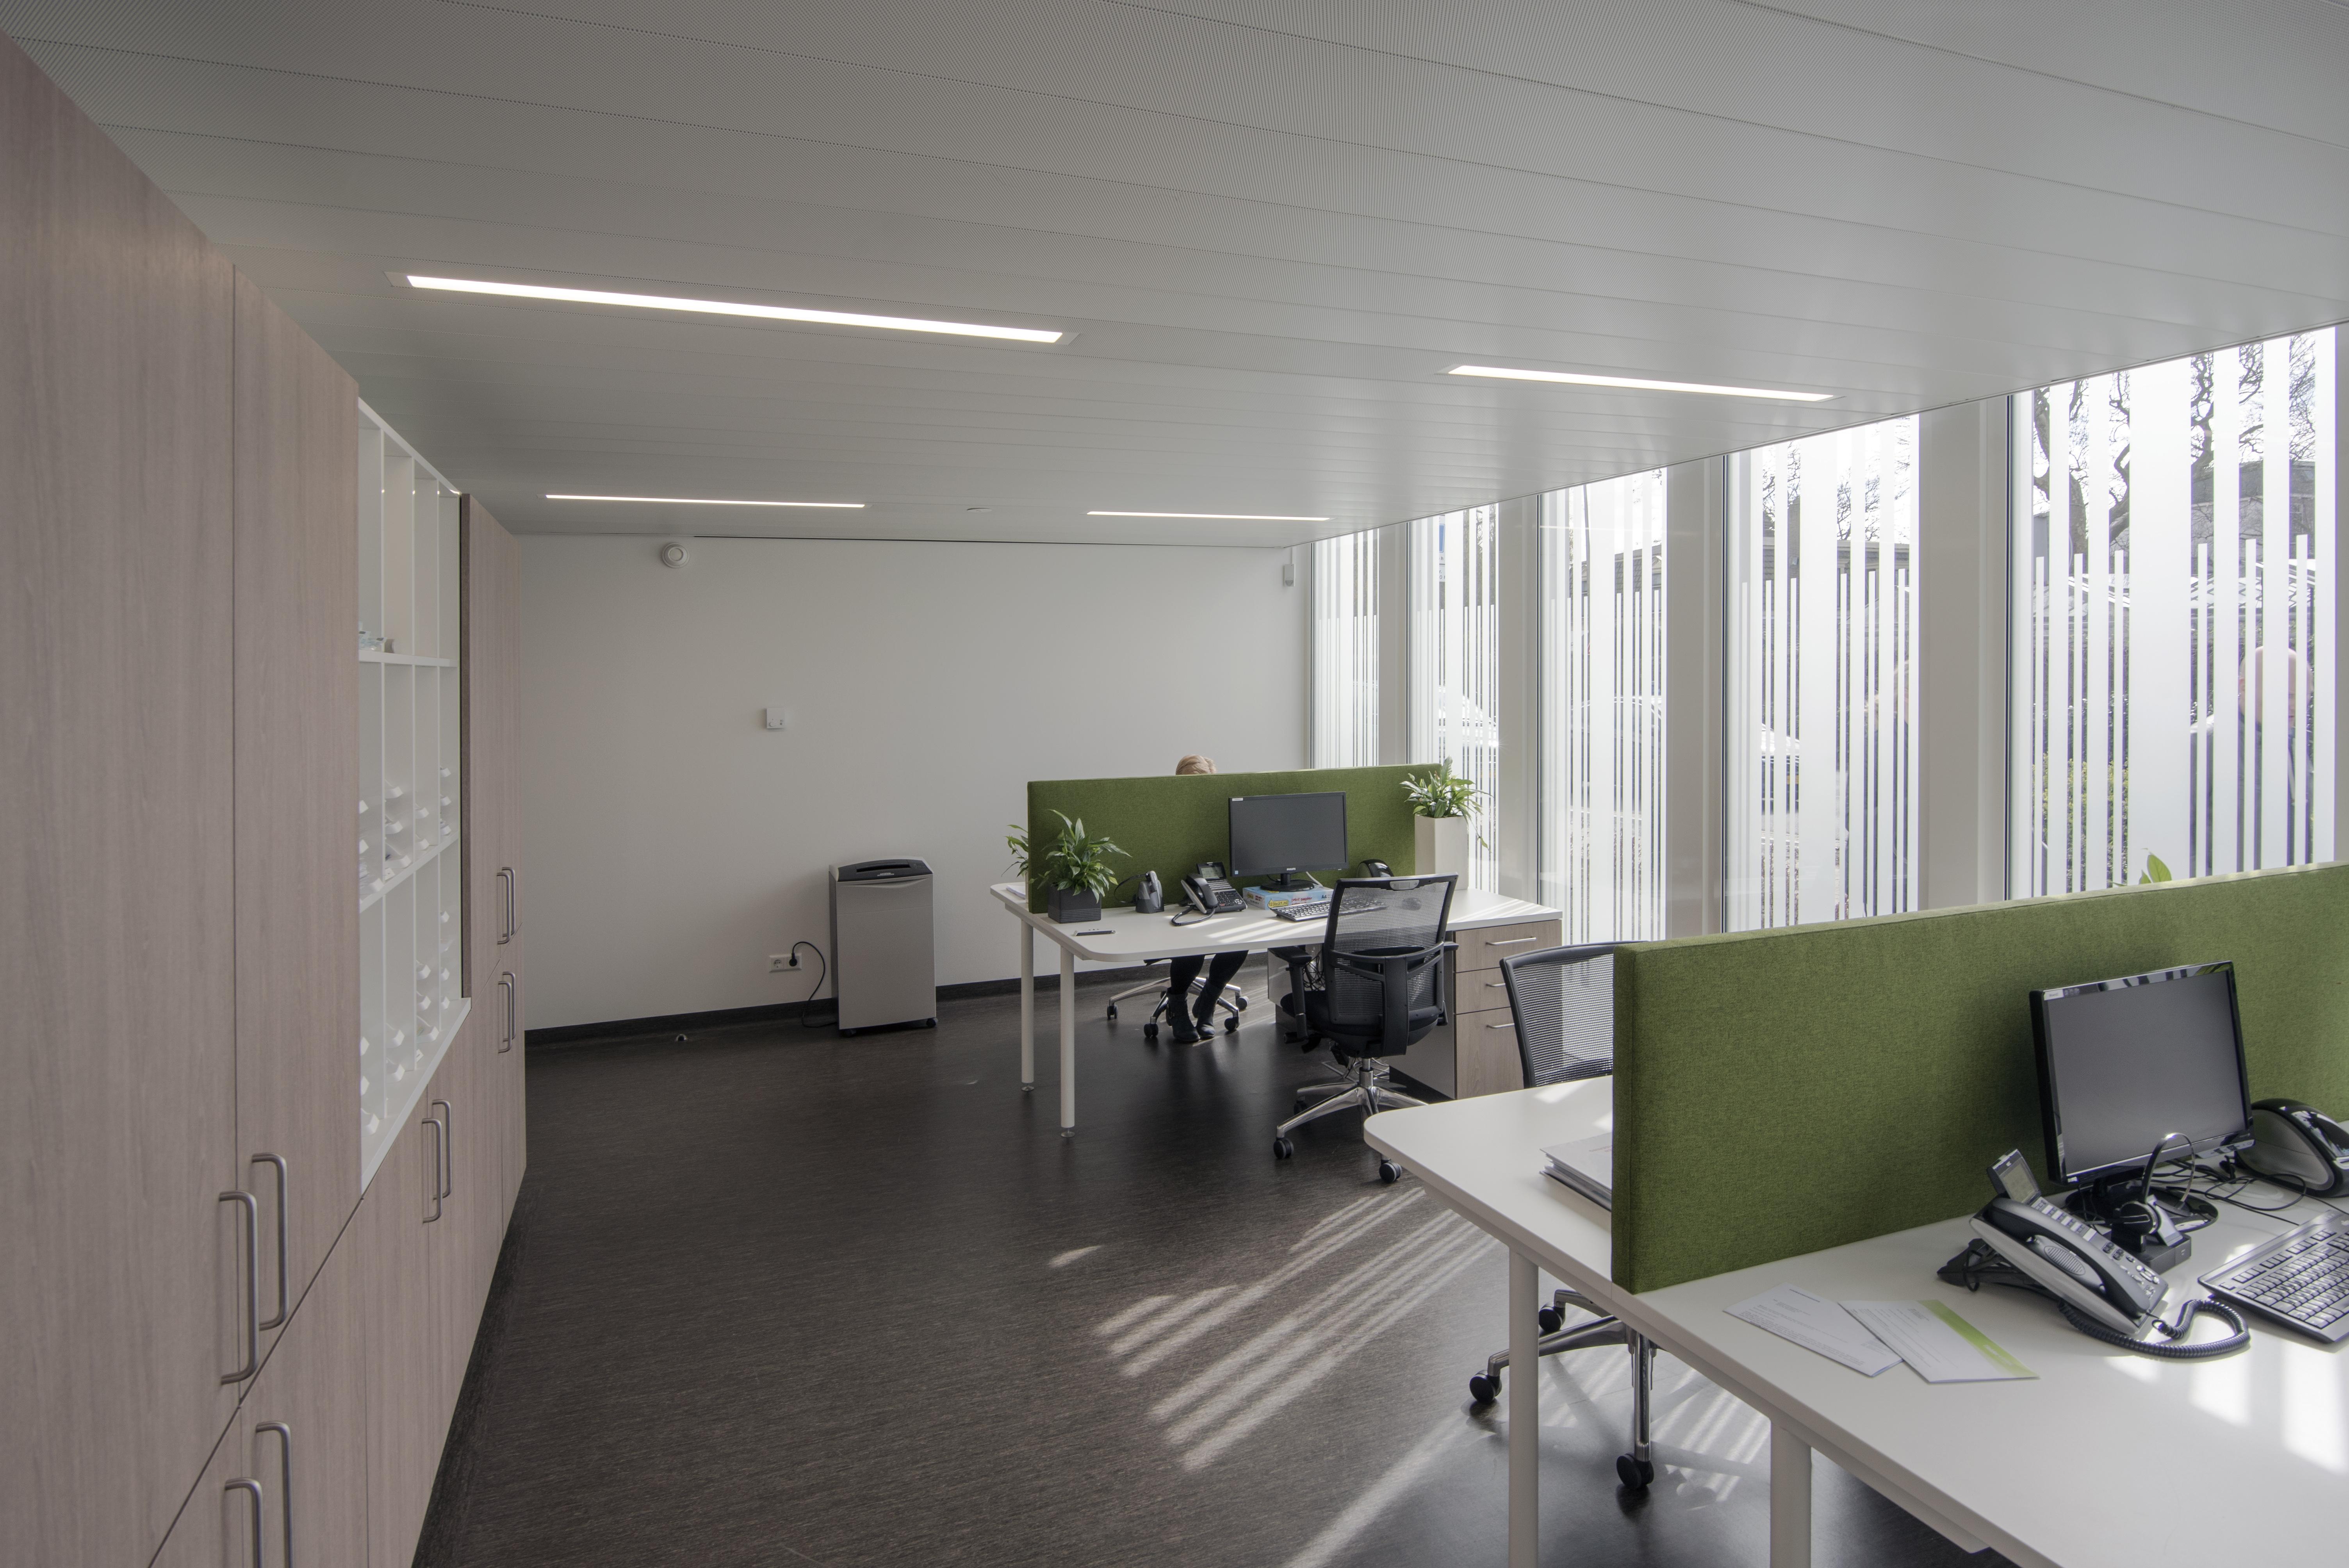 <p>Back office van de huisartsen in De Kandelaar &#8211; HET architectenbureau</p>